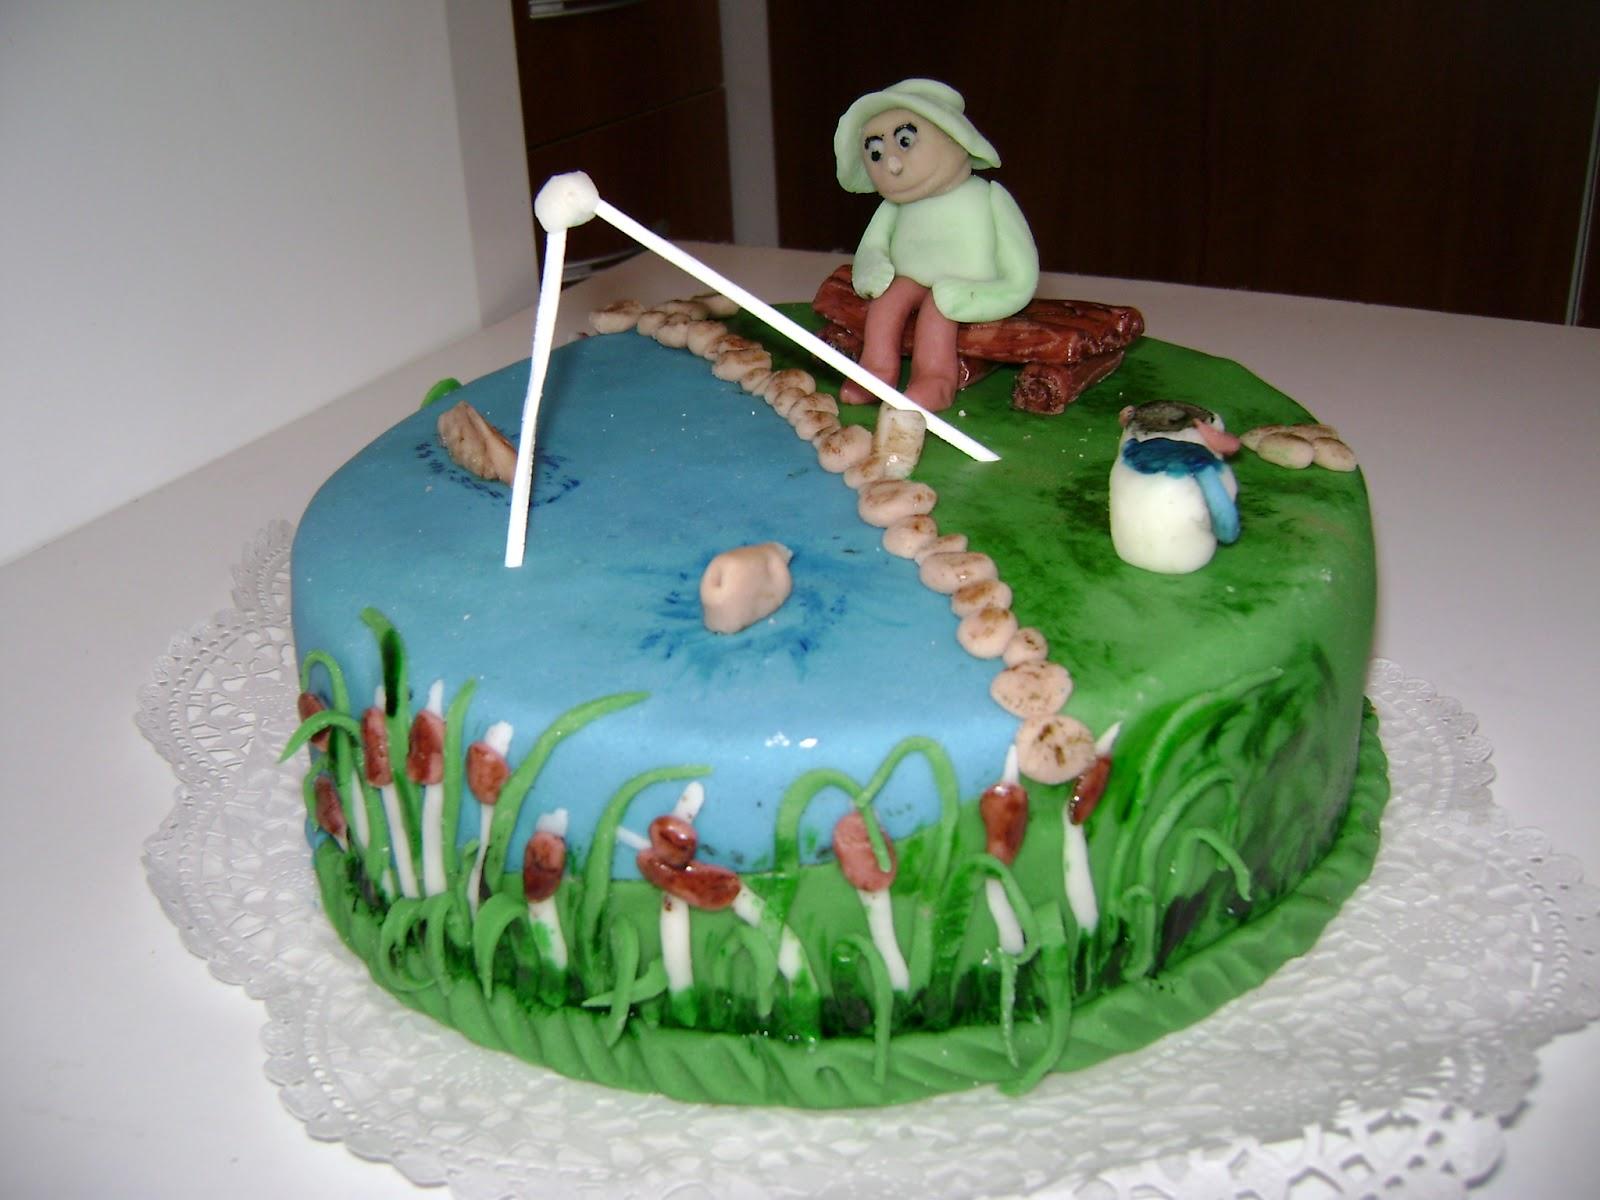 horgászos torta képek Judit tortácskái: Horgász torta horgászos torta képek